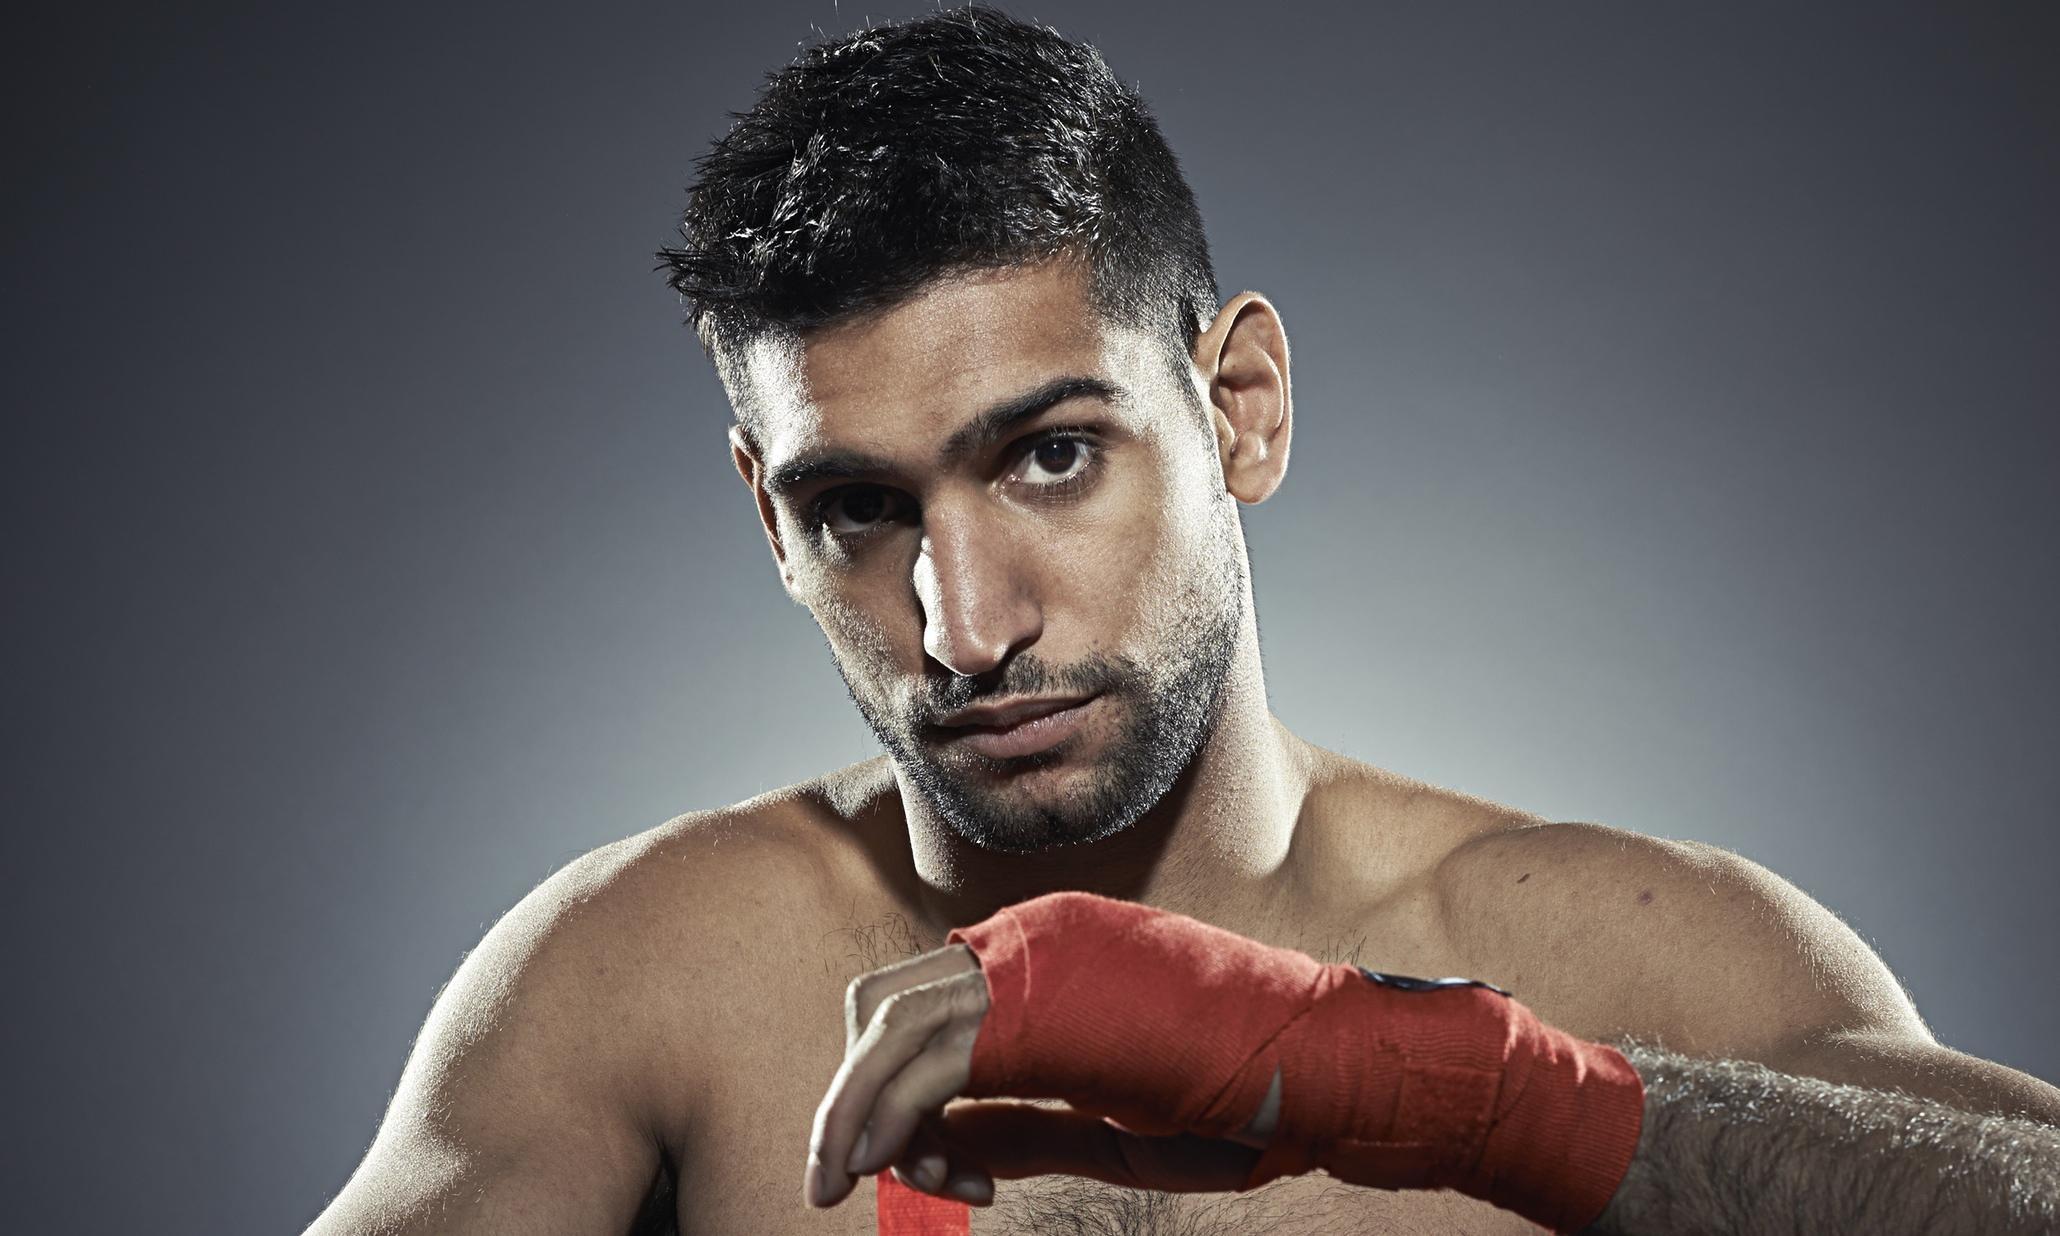 Amir Khan Boxer Wallpapers